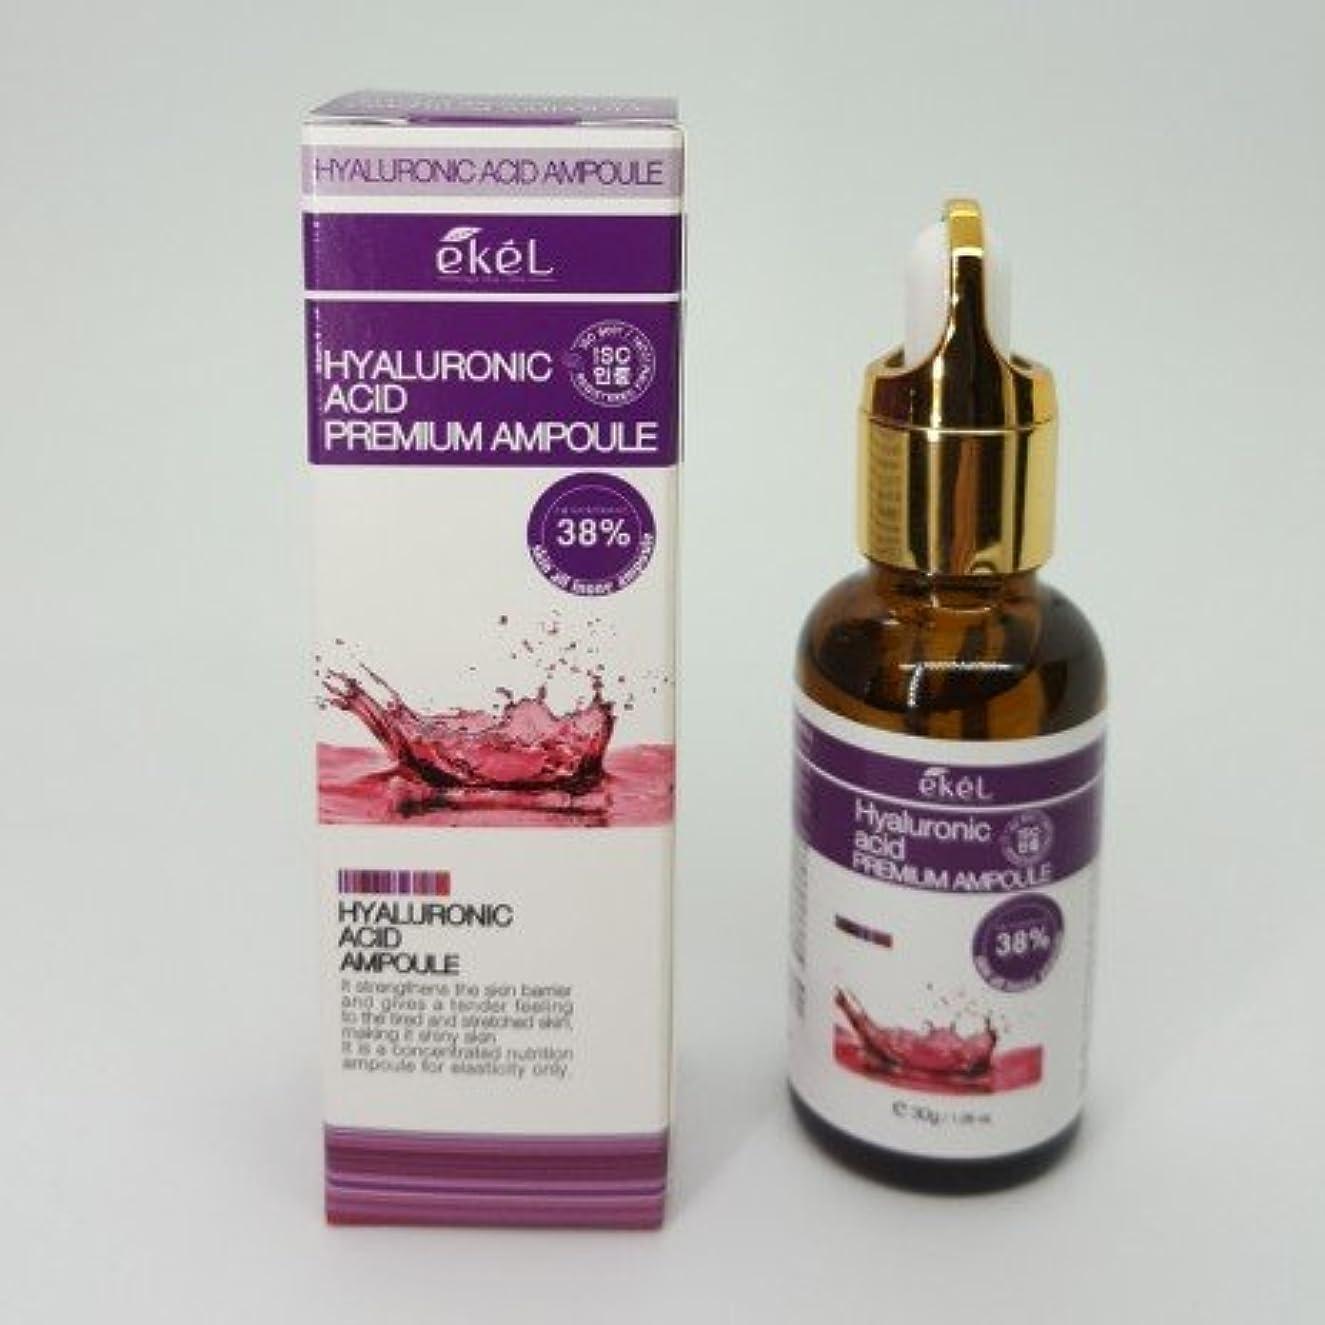 フェードランダムモロニック[EKEL] Hyaluronic Acid Premium Ampoule 38% - 30g